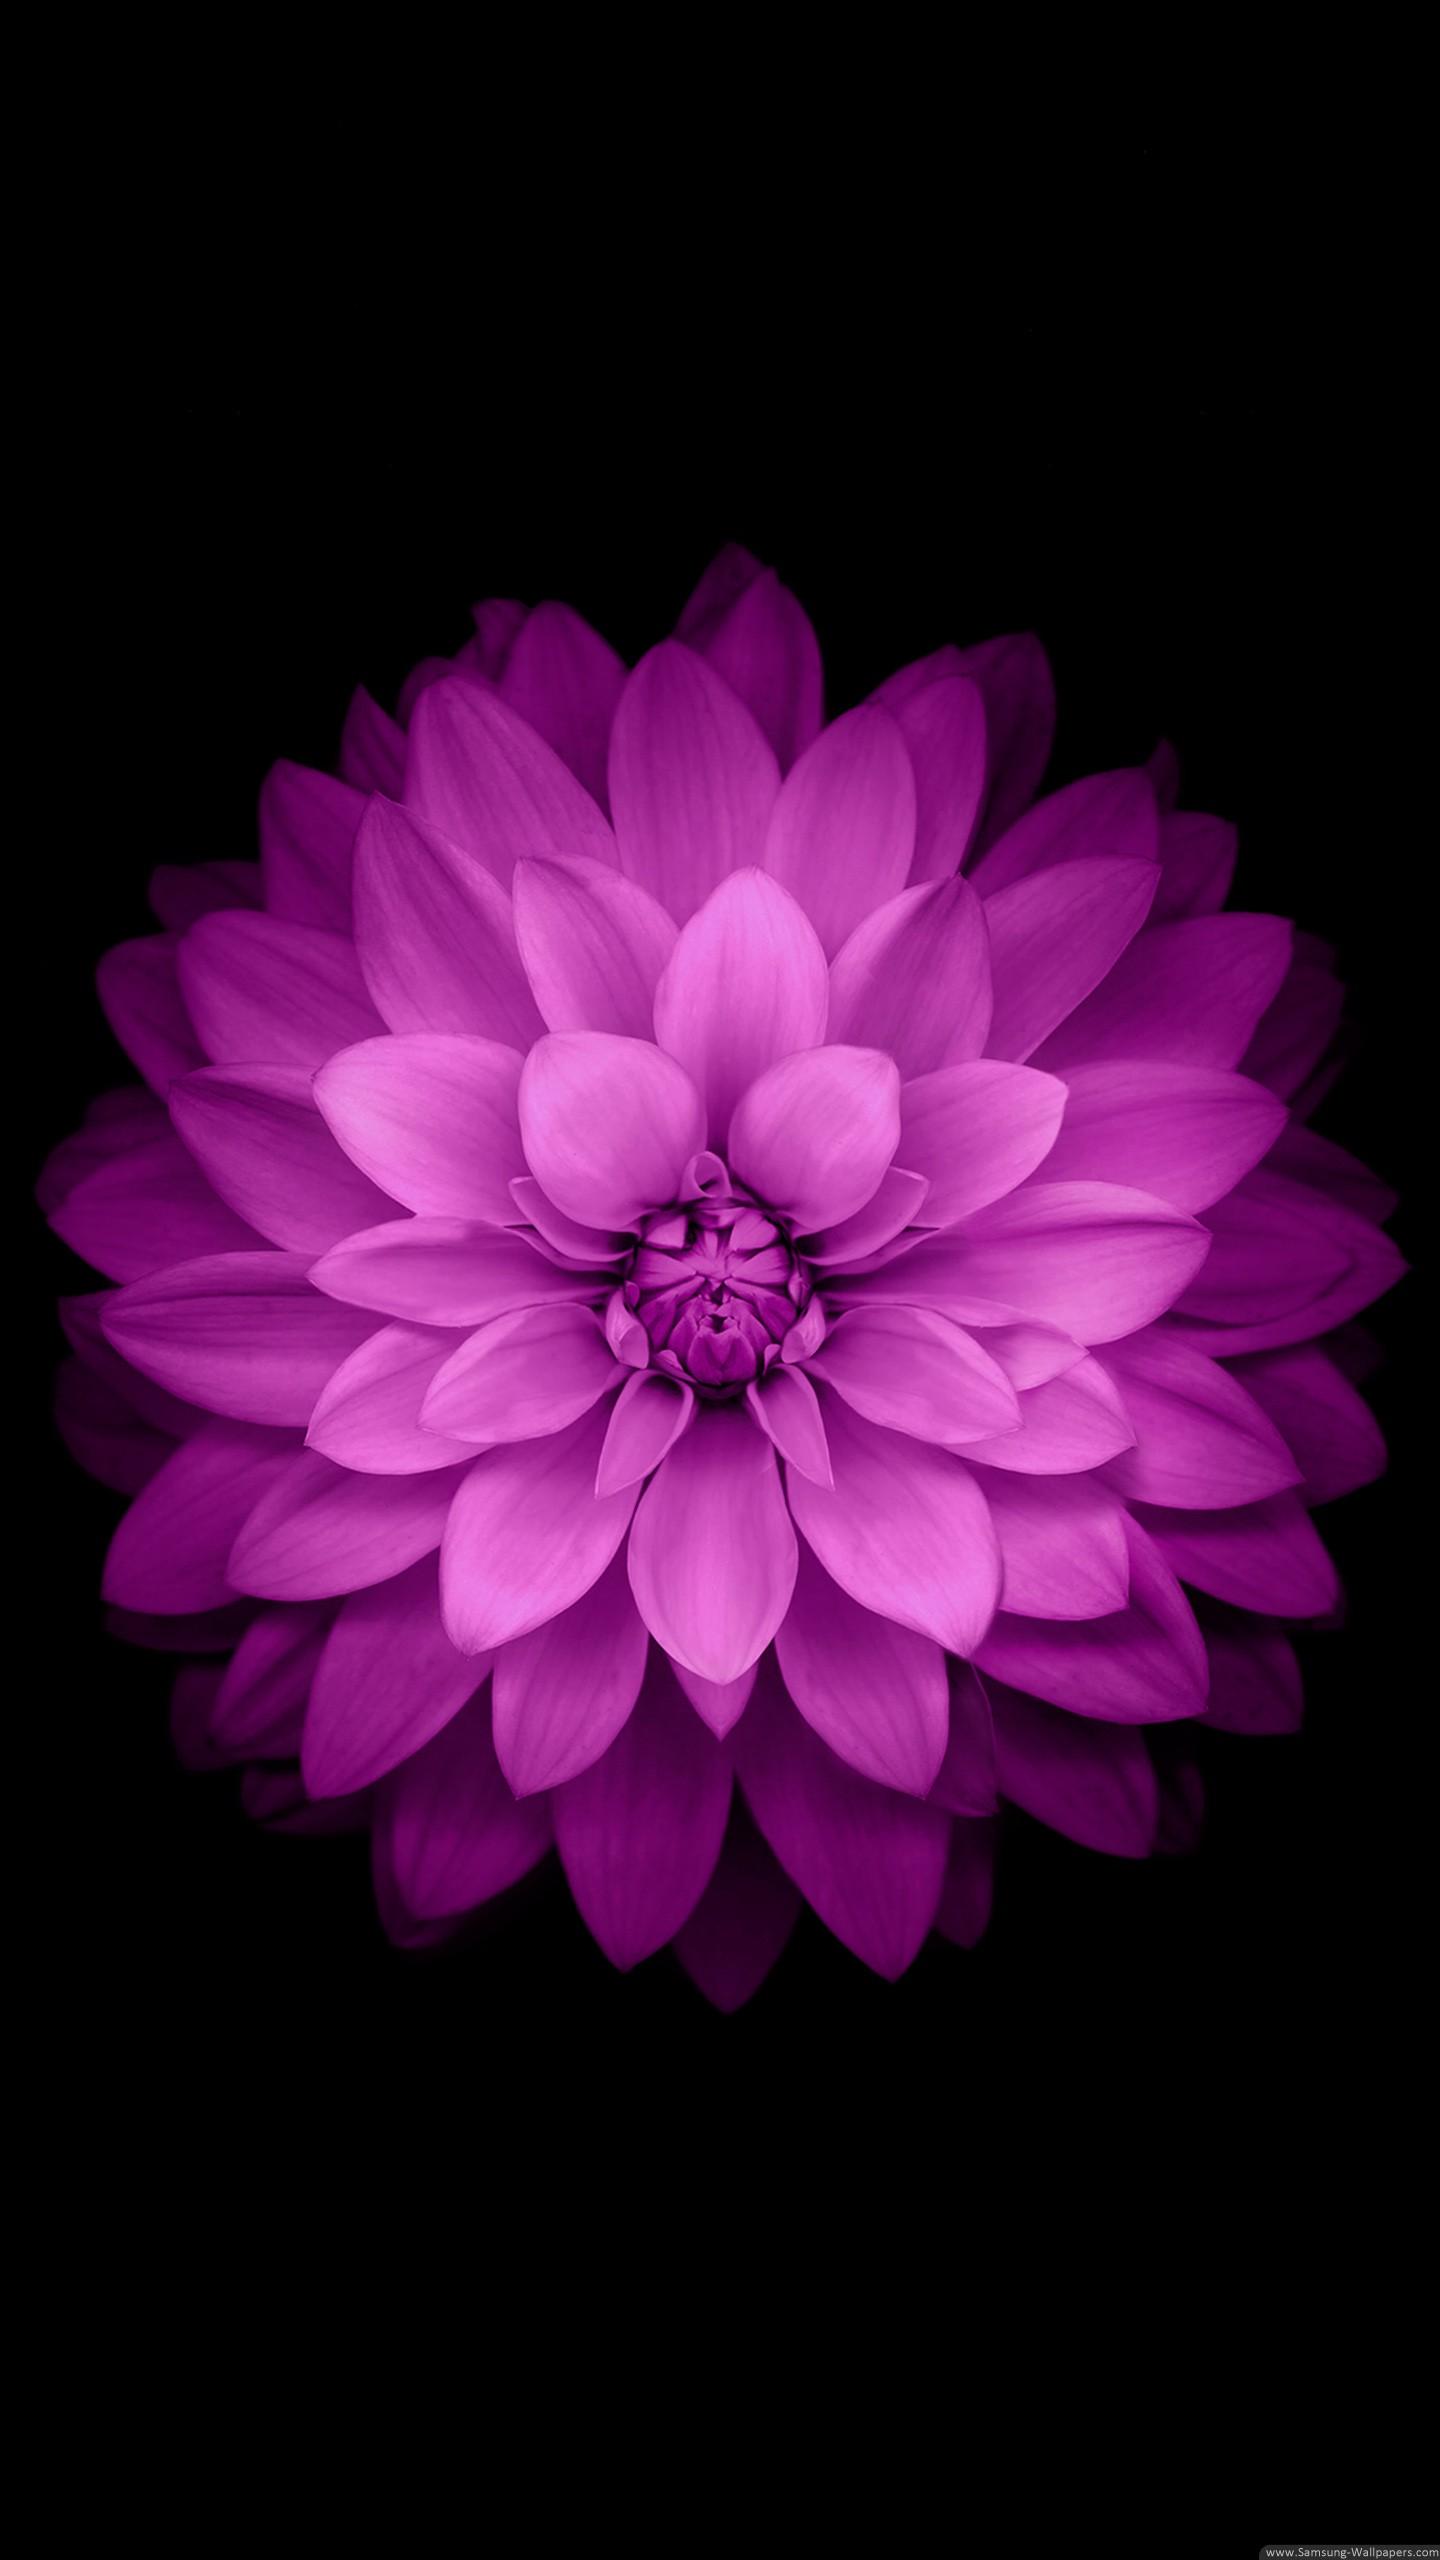 Wallpaper For Iphone 5s Black Fond D 233 Cran Fond Noir Violet Rose Fleur Mauve